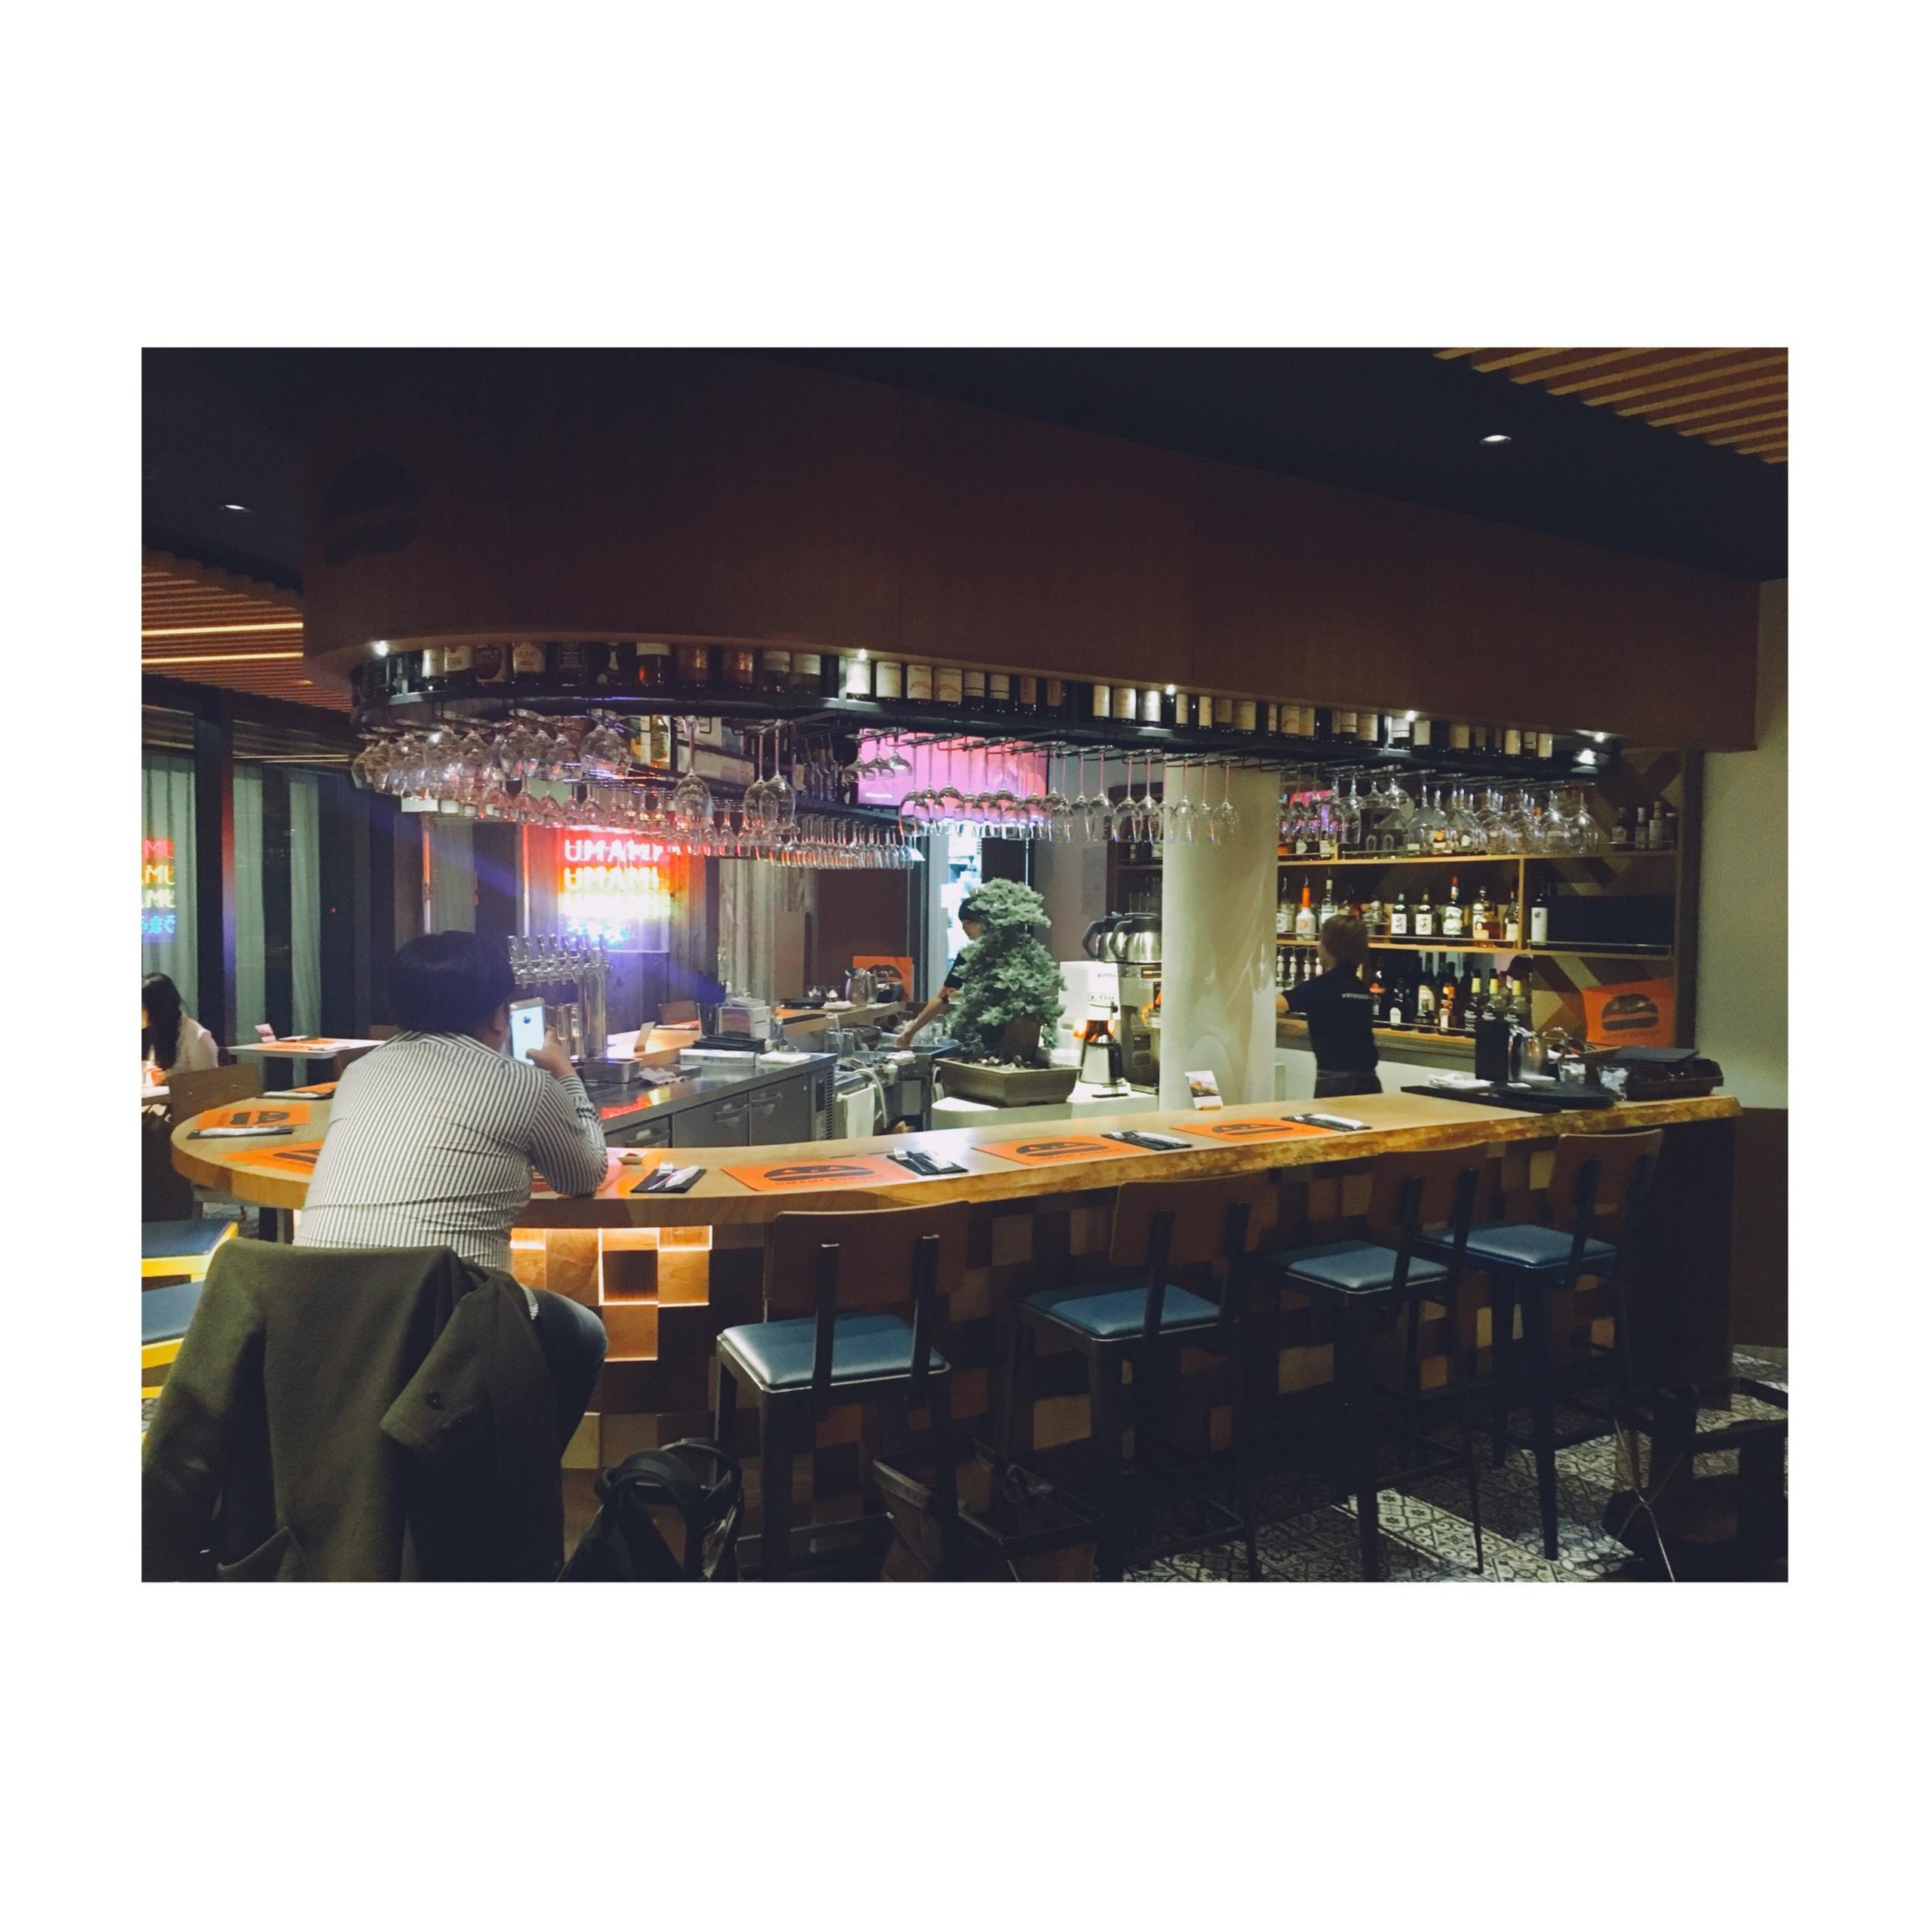 《ご当地MORE★》東京に来たら必ず食べてほしいイチオシの美味ハンバーガーはここ、【UMAMI BURGER】で❤️!_2